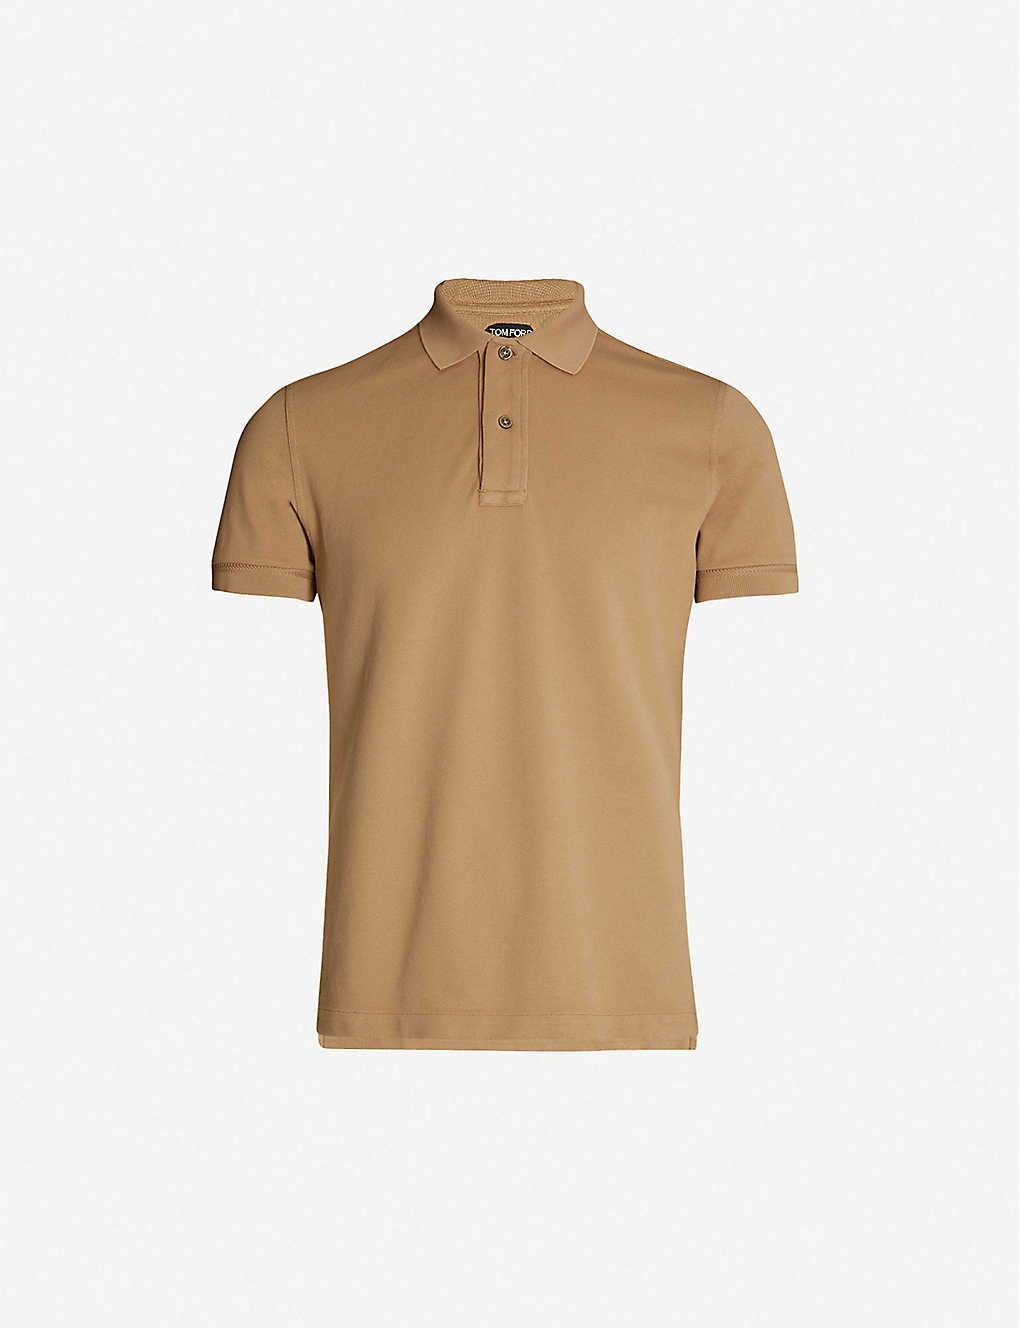 77862da9 TOM FORD - Button-up cotton-piqu? polo shirt | Selfridges.com